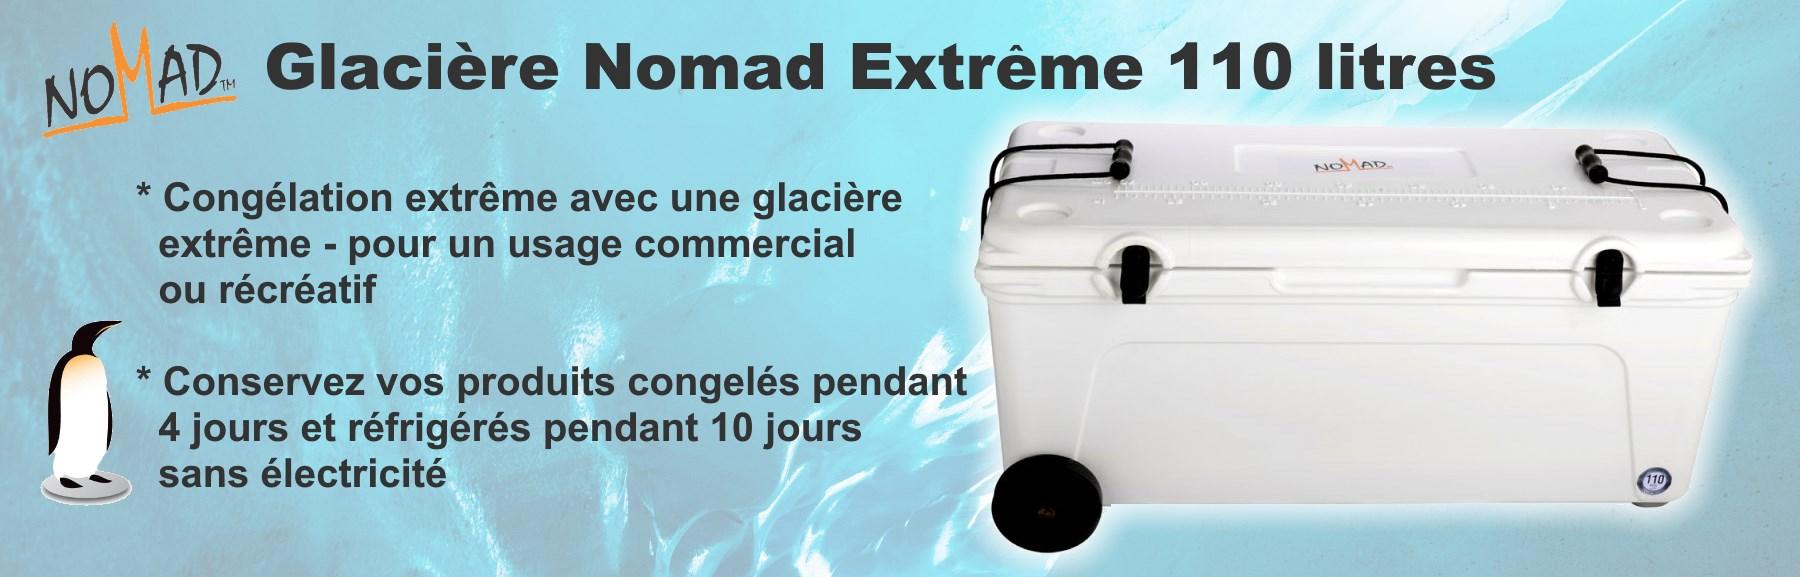 Glacière Nomad Extreme 110 litres